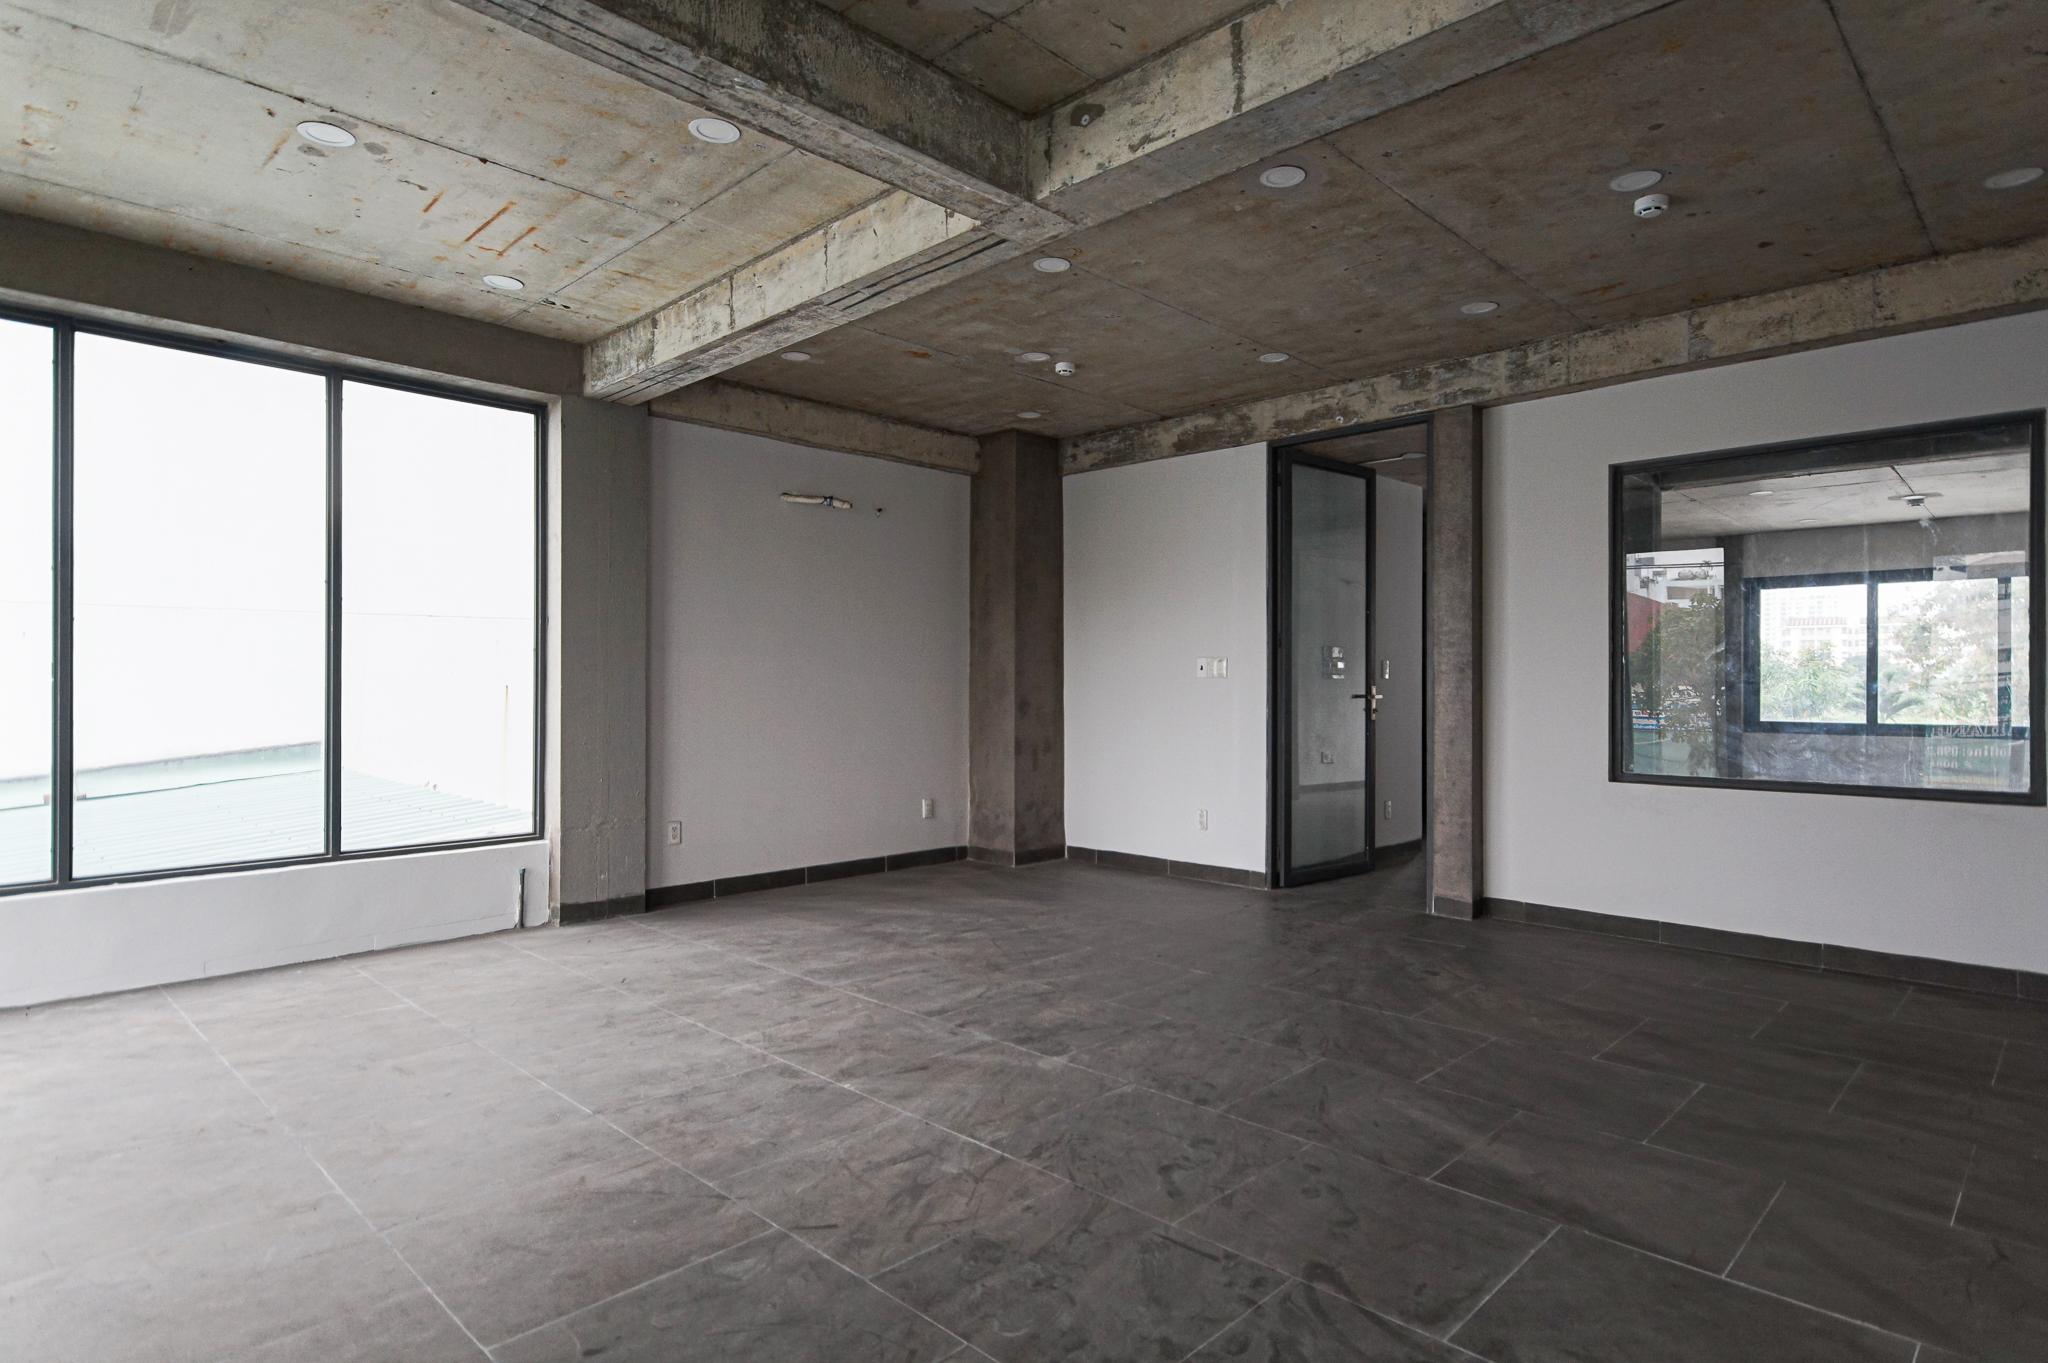 Cho Thuê Văn Phòng Le Van Luong Office Building - Đầy Đủ Nội Thất & Tươi Sáng-5